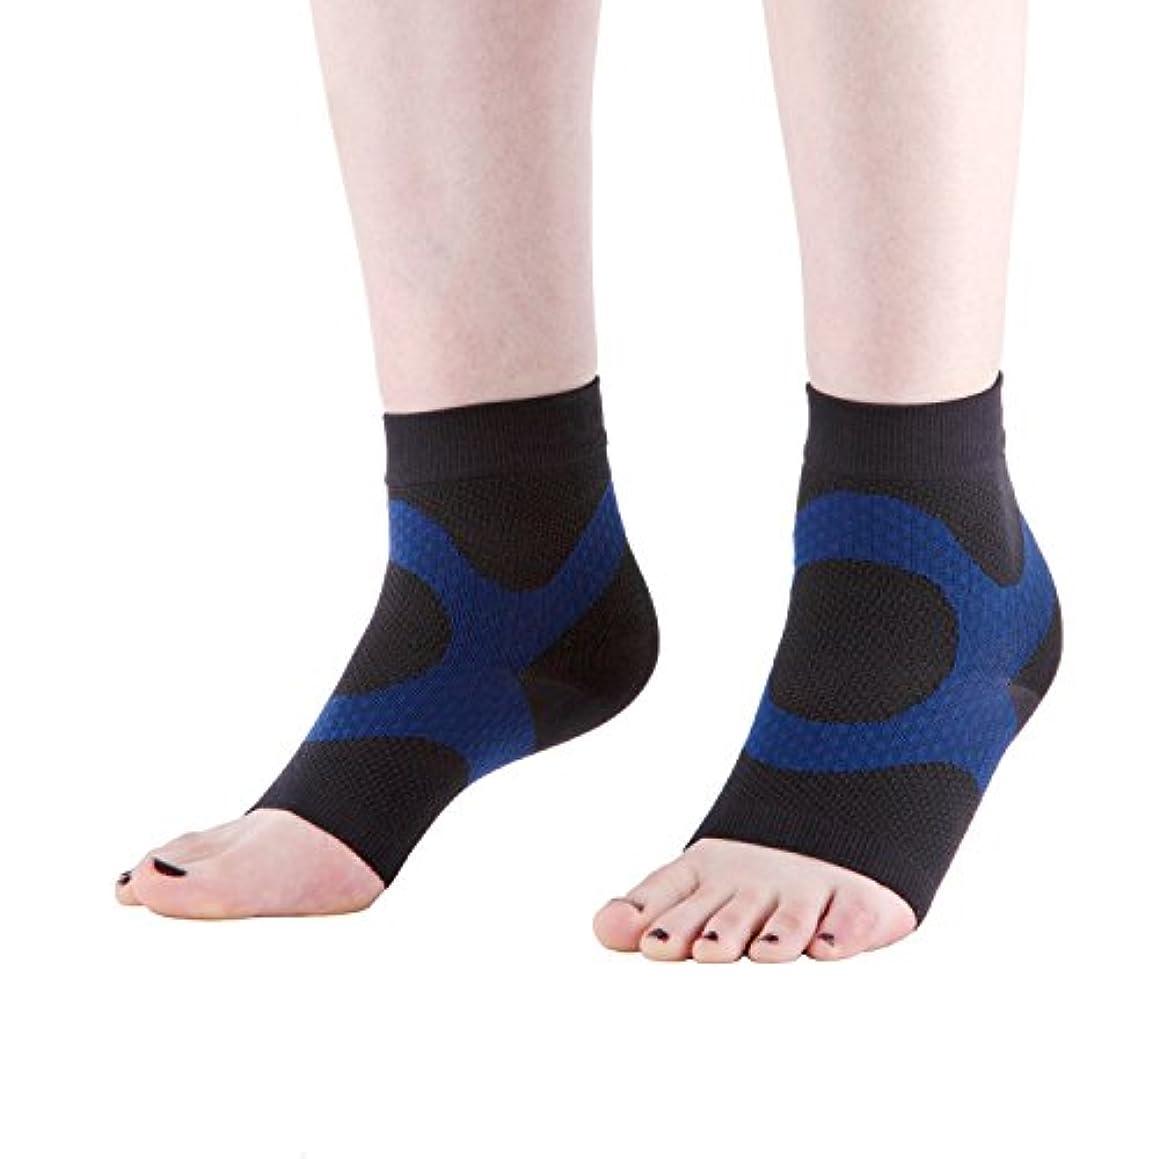 必要性マザーランド天のWanderlust足底筋膜炎用スリーブ(2枚1組):高級 オープントゥ 着圧靴下 KTテープ仕様 - 踵 足首 アーチのサポートに最適 足の痛み むくみ 骨棘を軽減 毎日昼夜24時間のケアを保証 ブラック